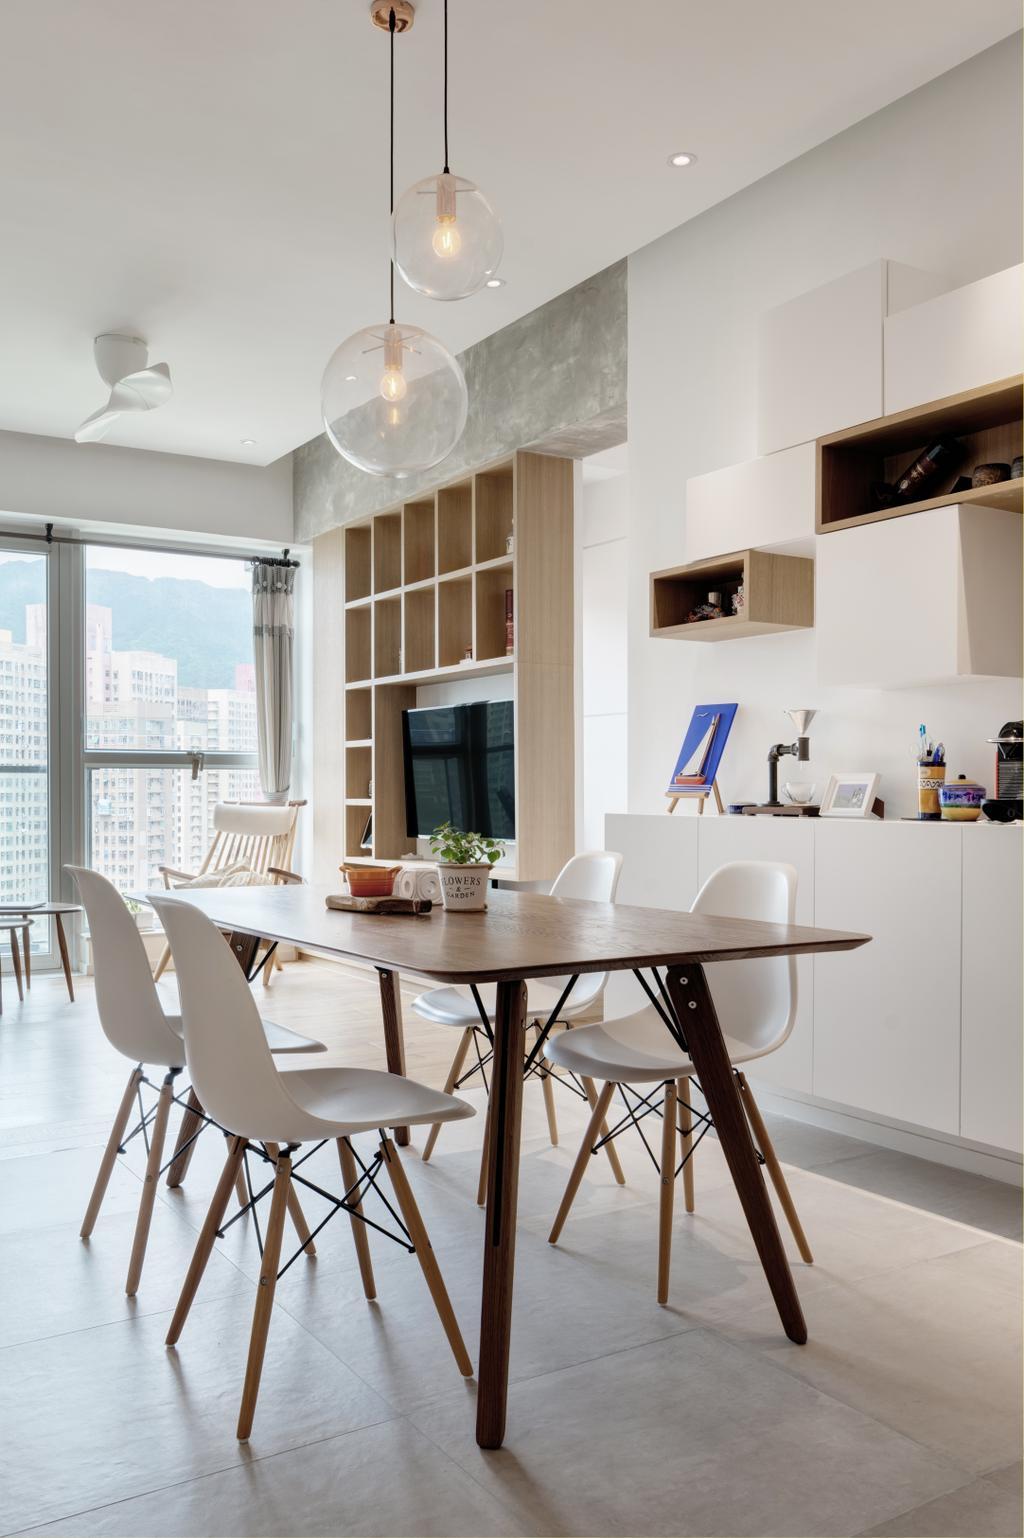 摩登, 私家樓, 飯廳, 現崇山, 室內設計師, N'creative, 北歐